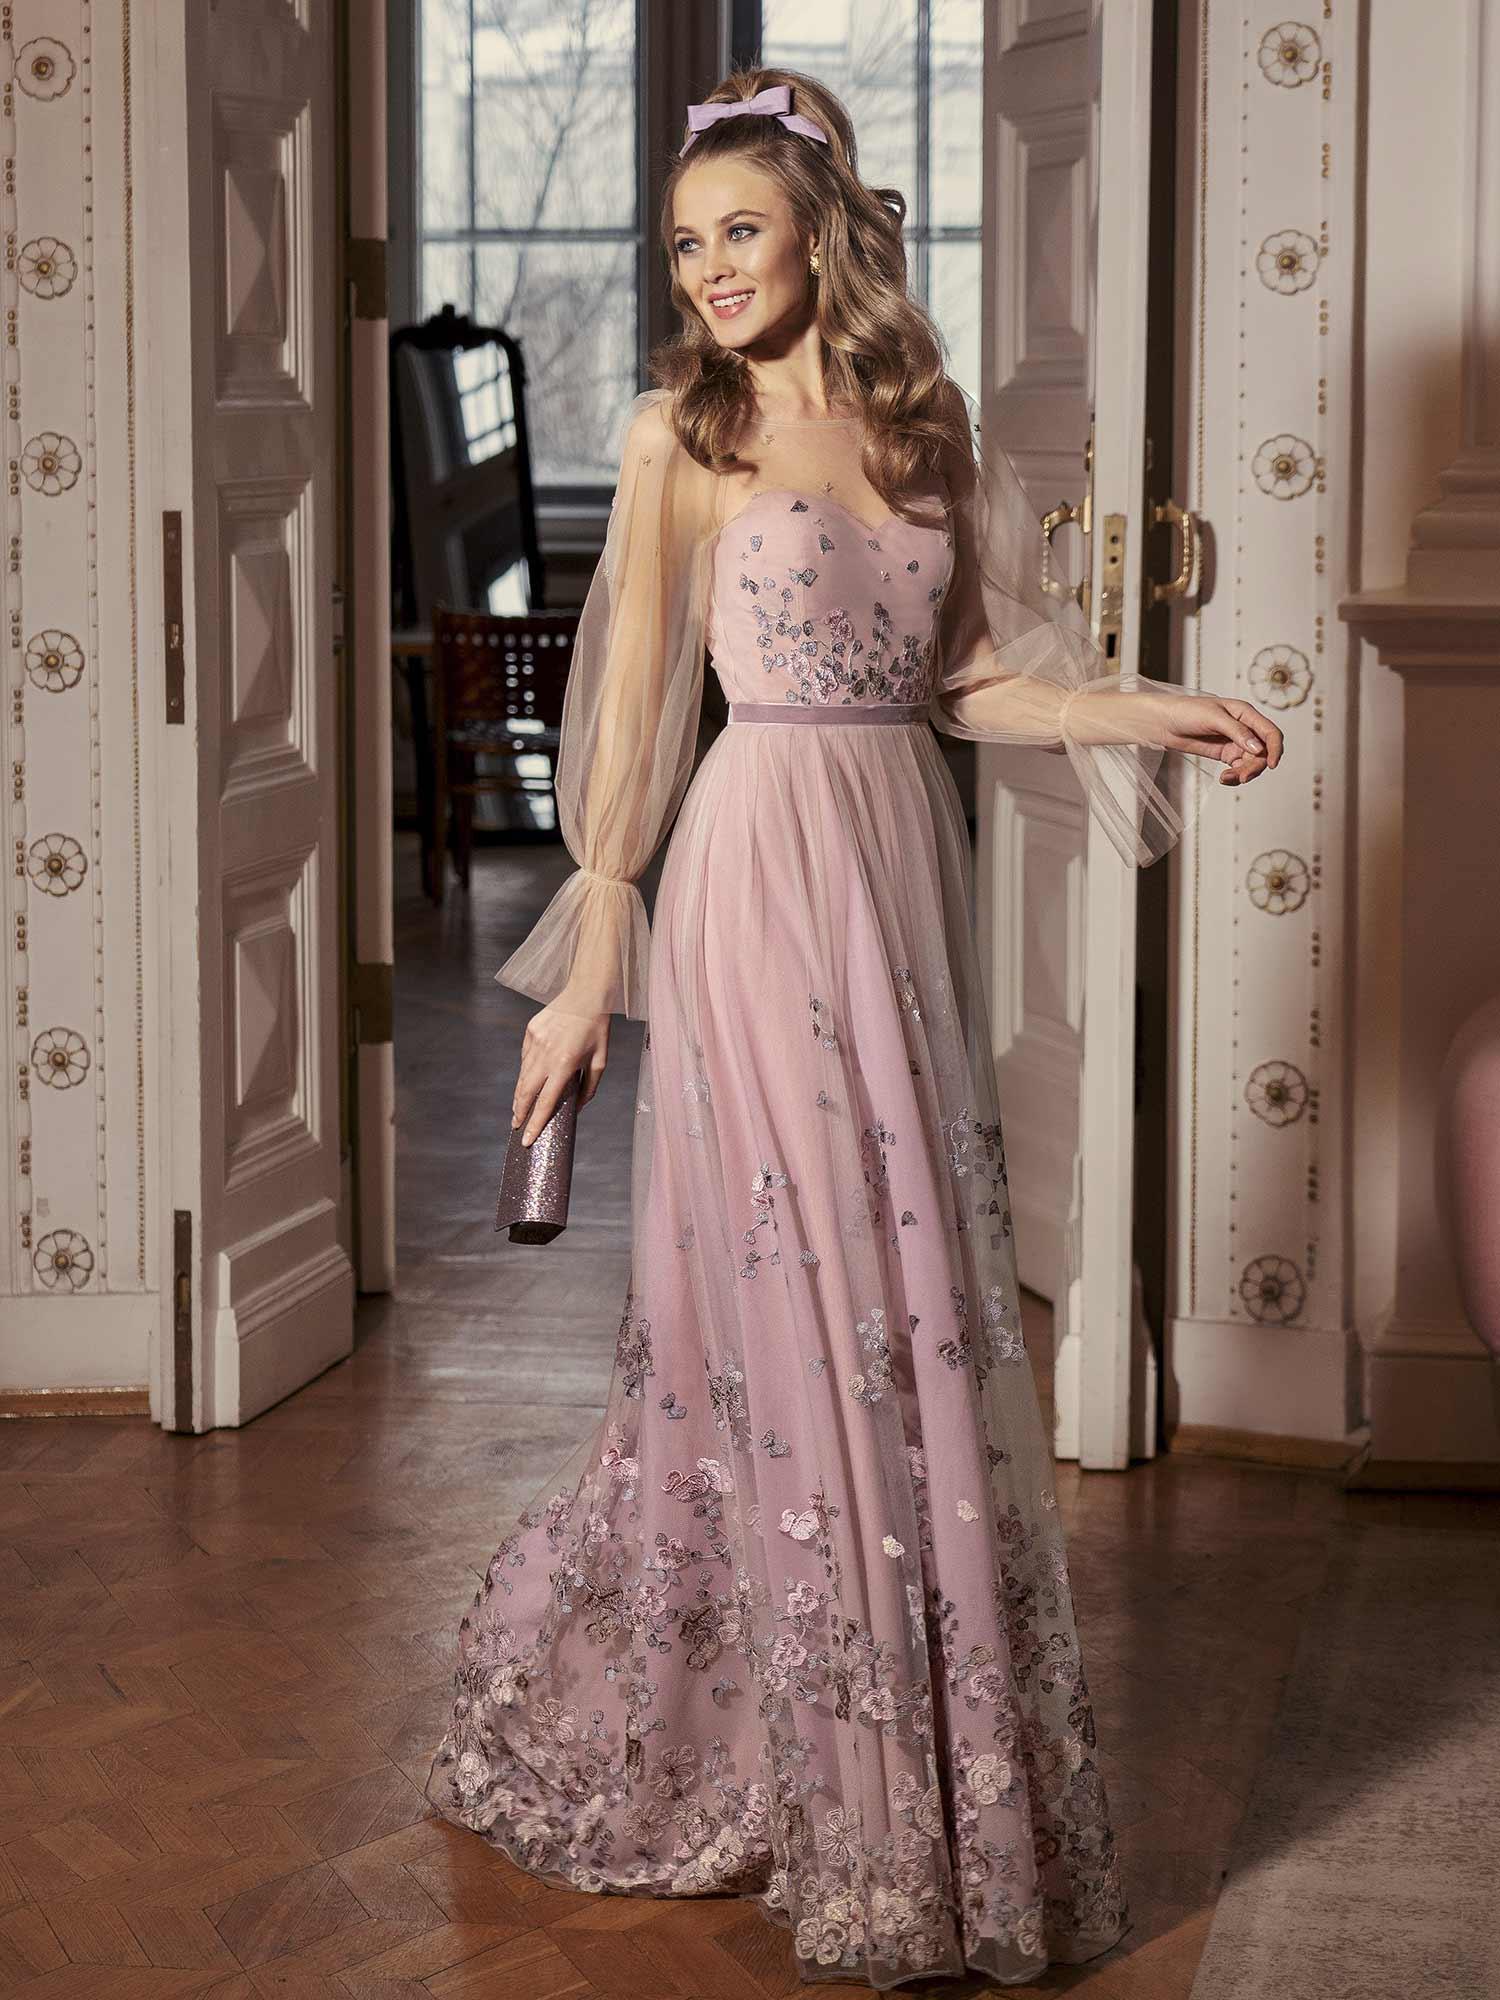 2021 Uzun Kollu Abiye Elbise Modelleri6 Alimli Kadin